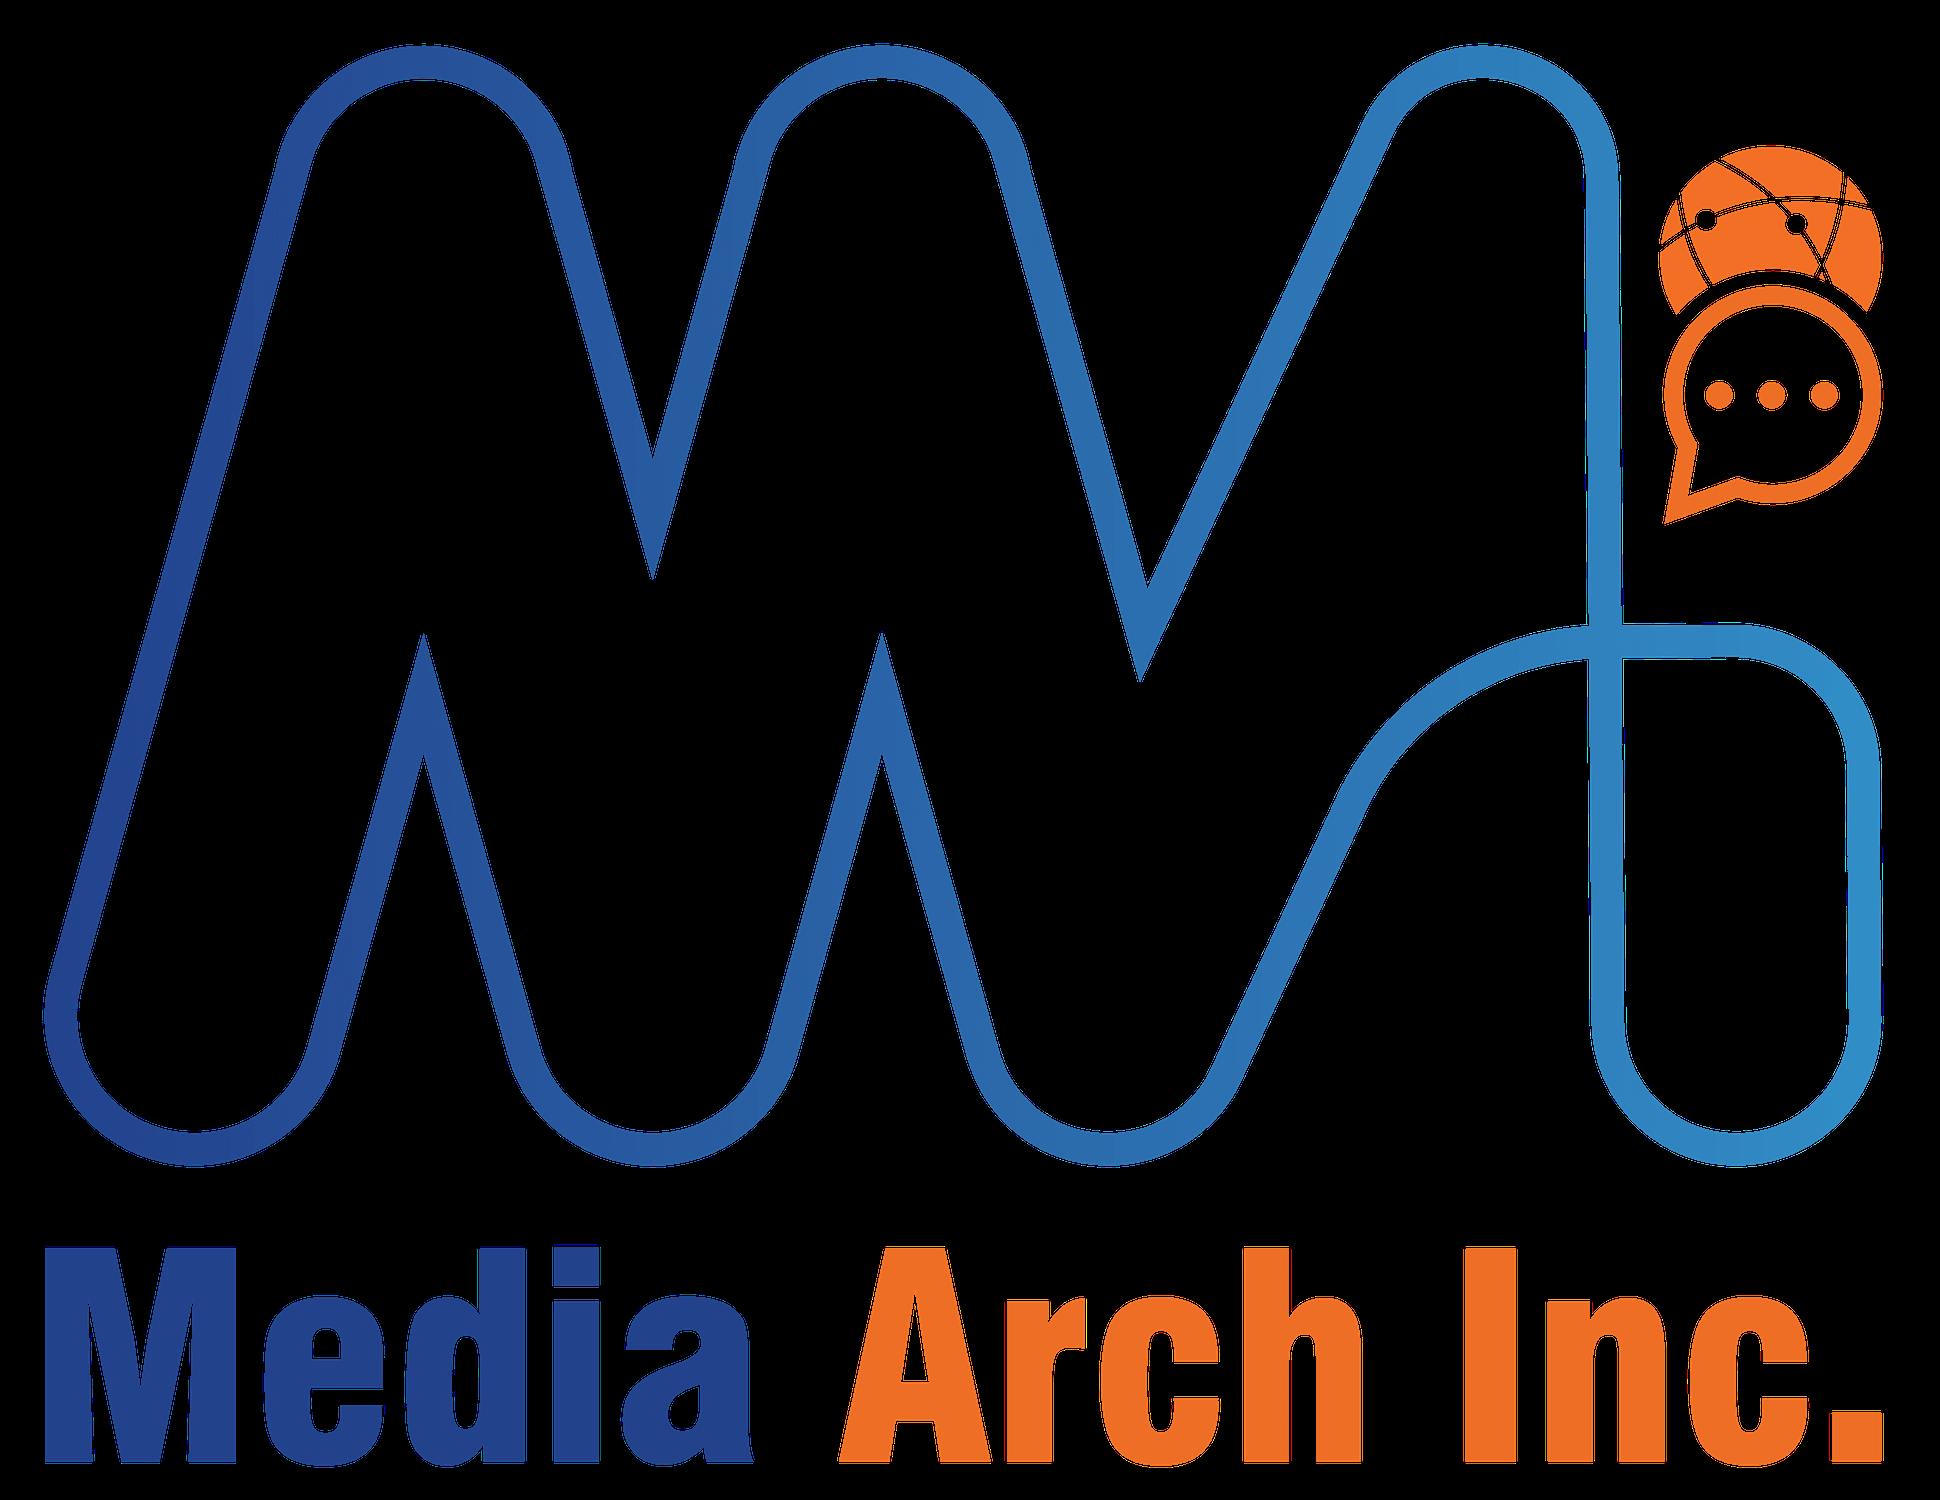 Media Arch Inc.